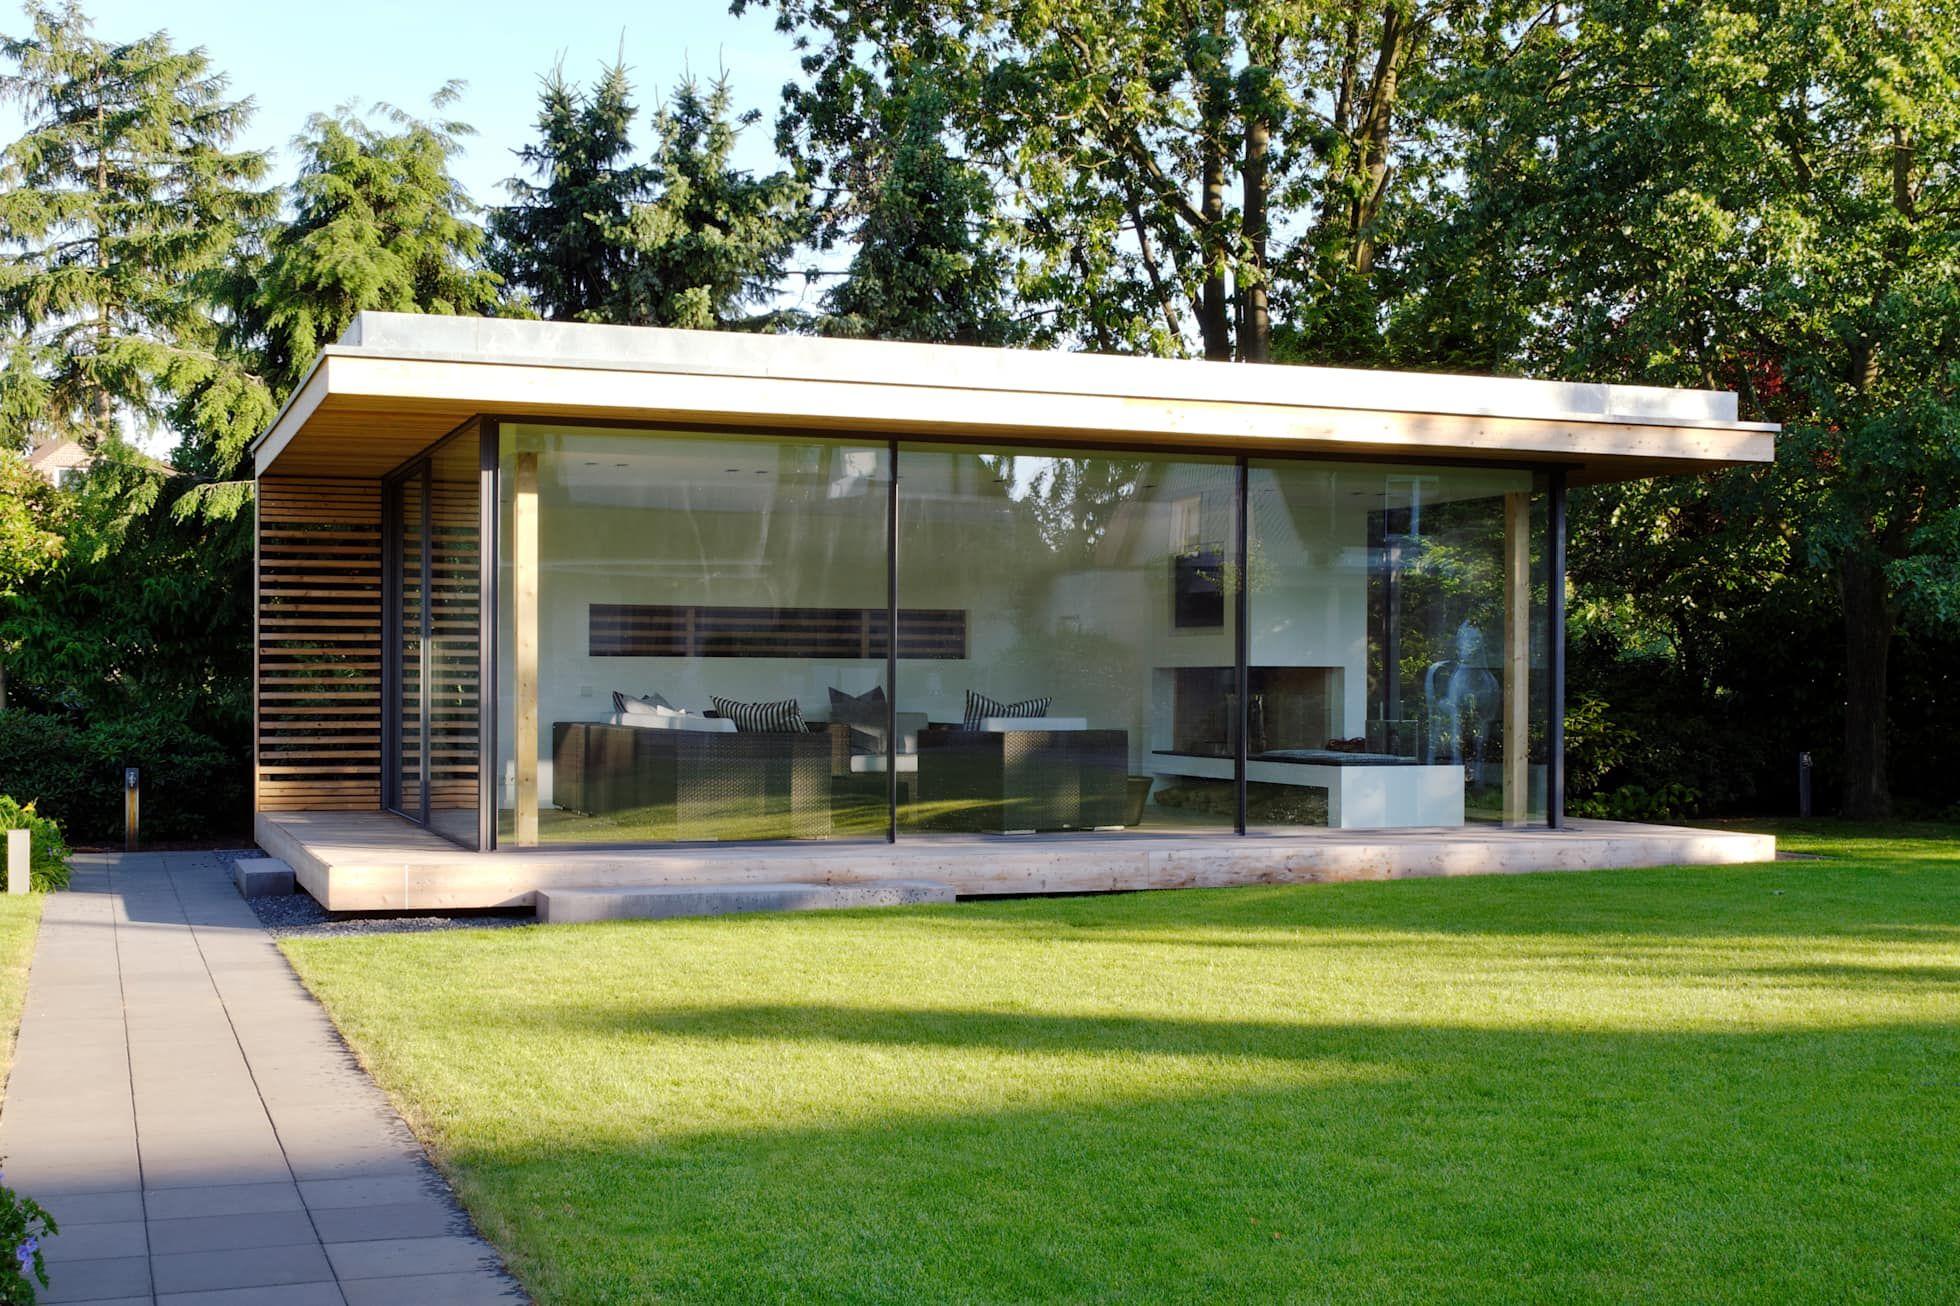 Moderner Gartenpavillion Im Nordlichen Ruhrgebiet Moderner Garten Von Homify Modern Homify Gartenpavillion Moderner Pavillon Garten Pavillon